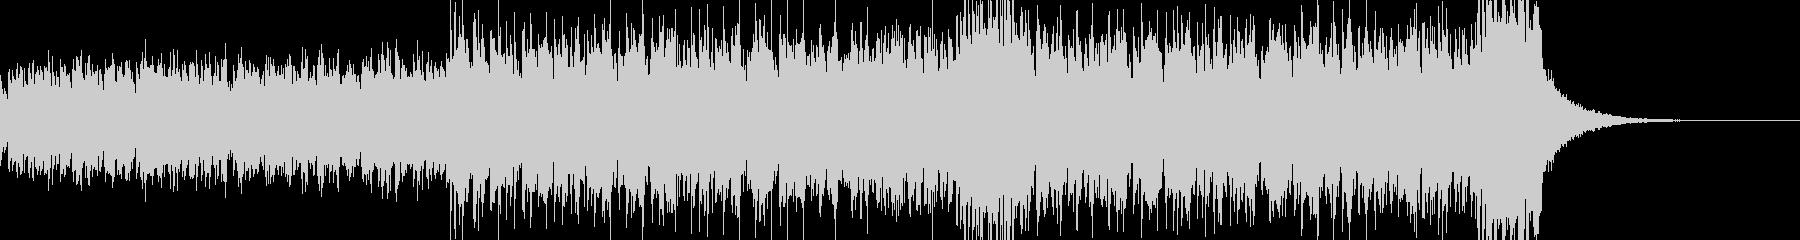 ショートBGM、シンセウェーブの未再生の波形